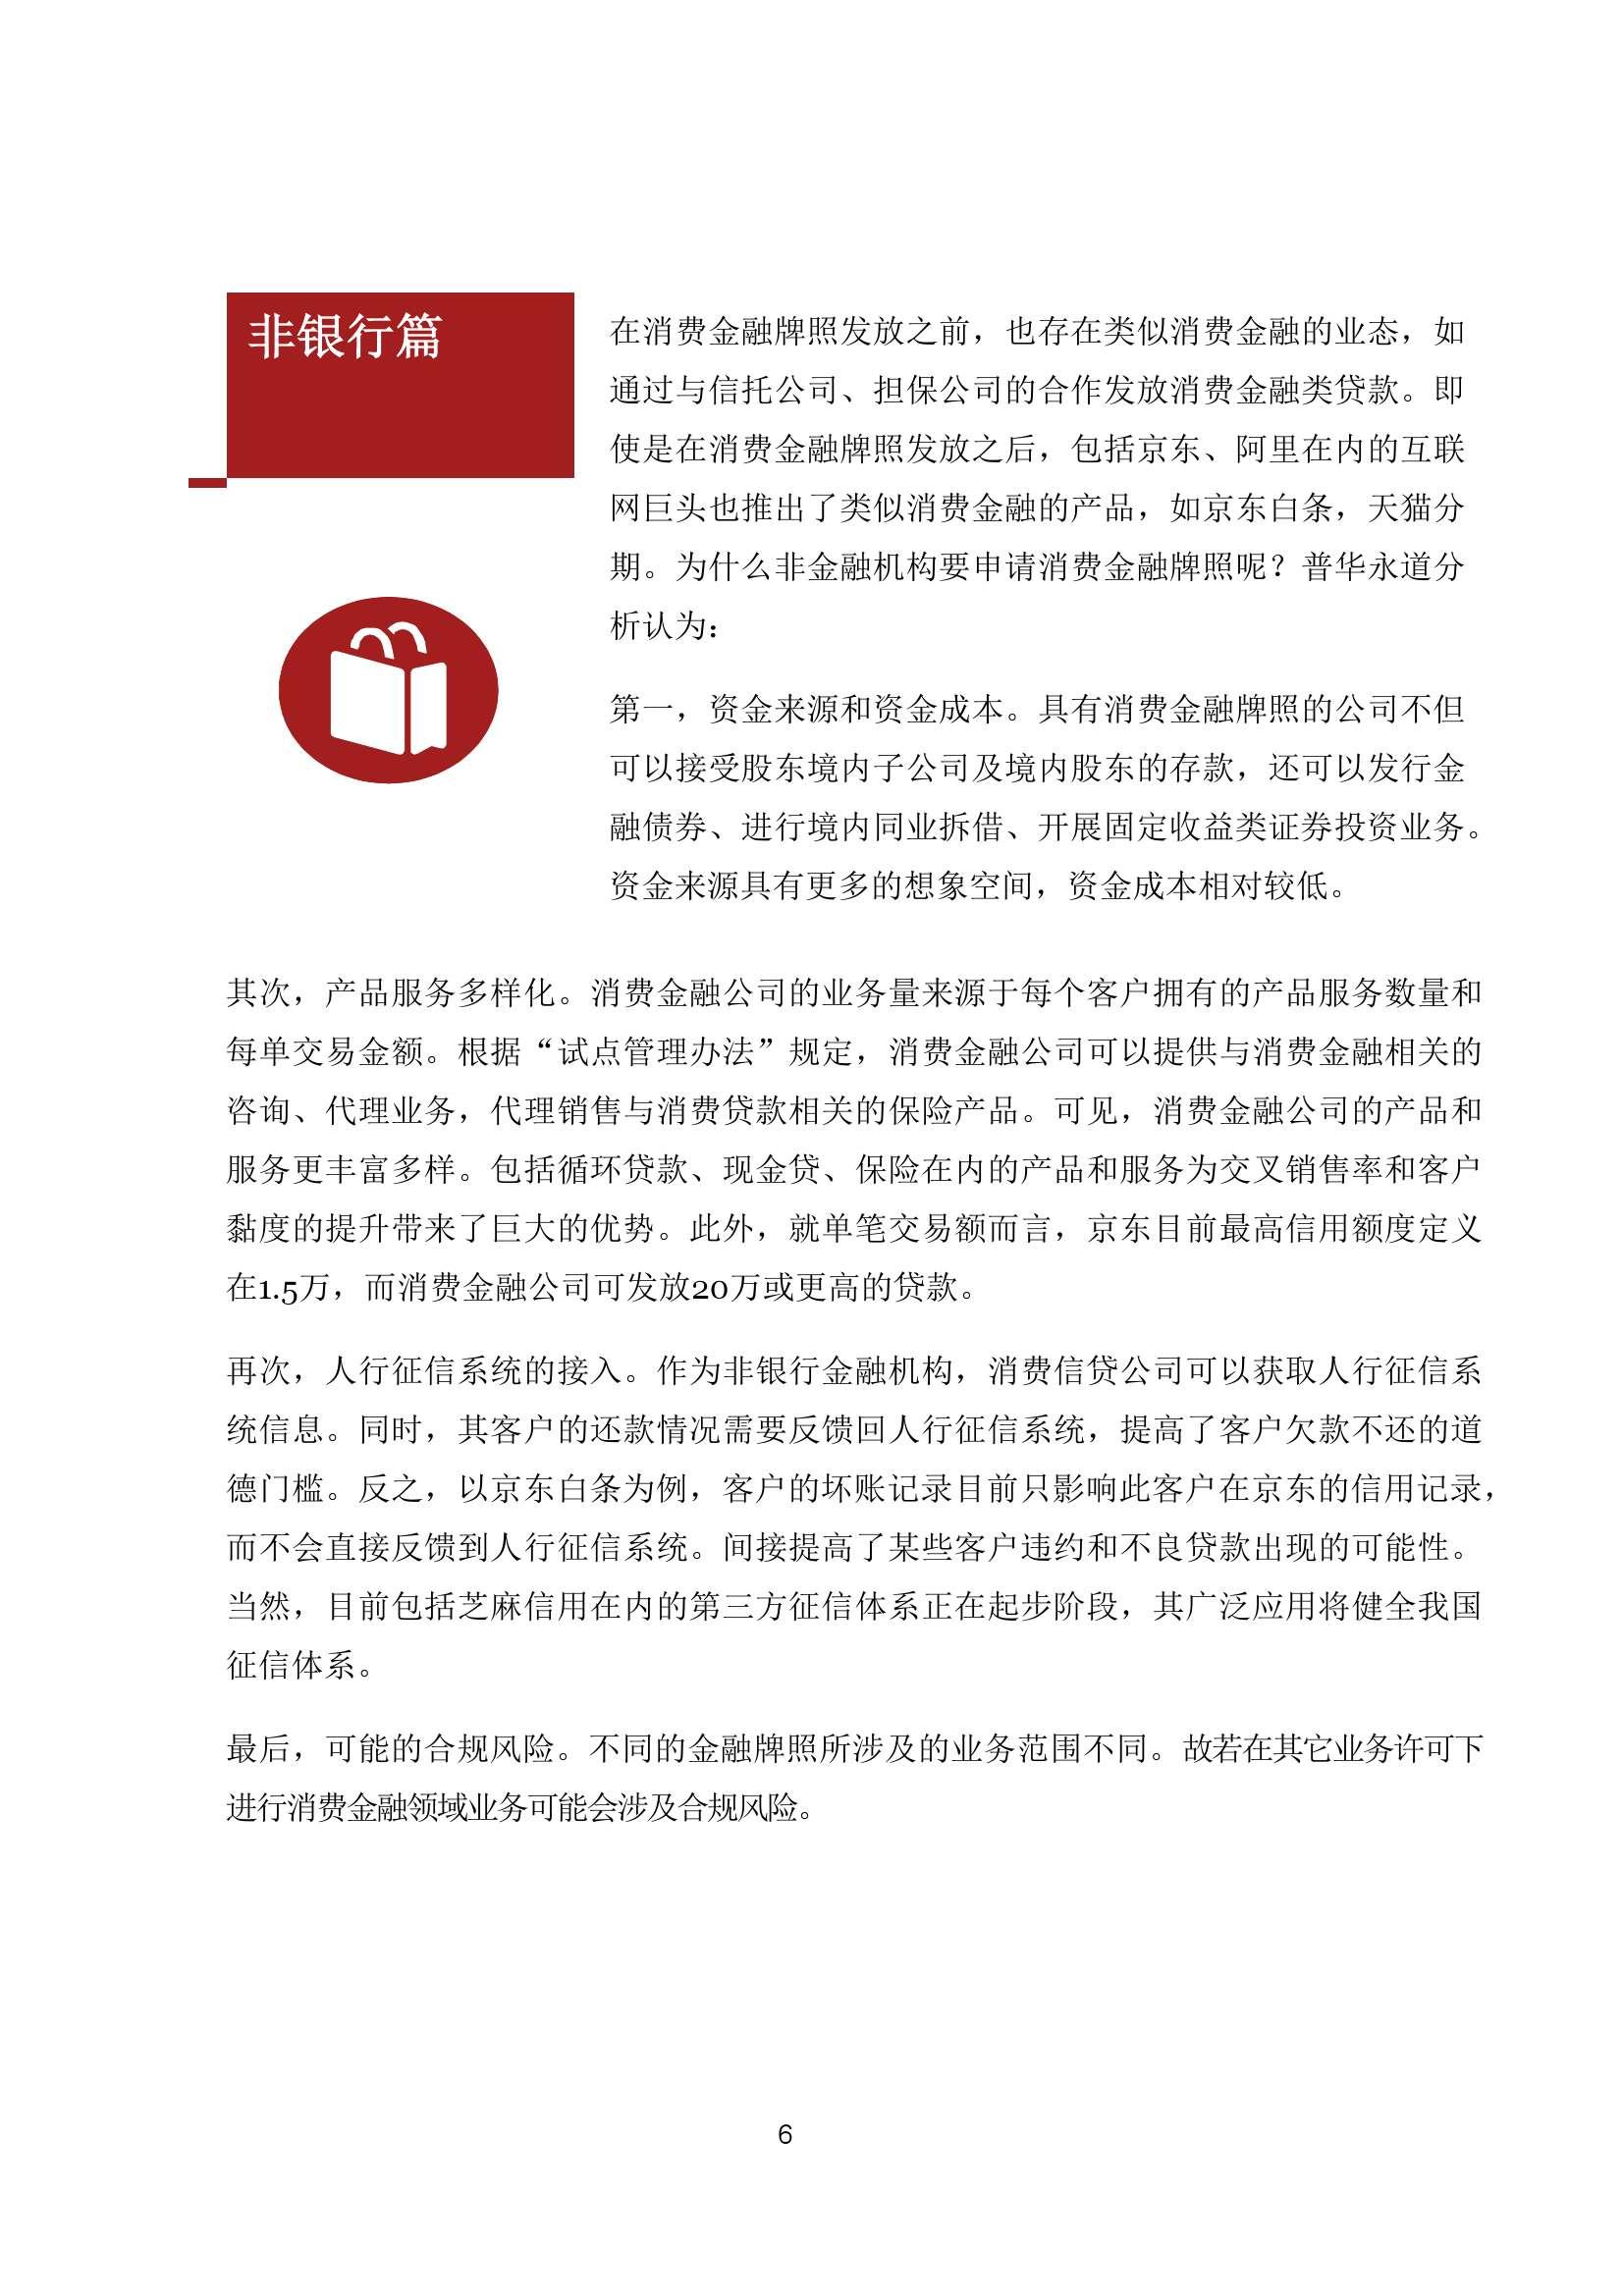 中国零售银行的蓝海_000006